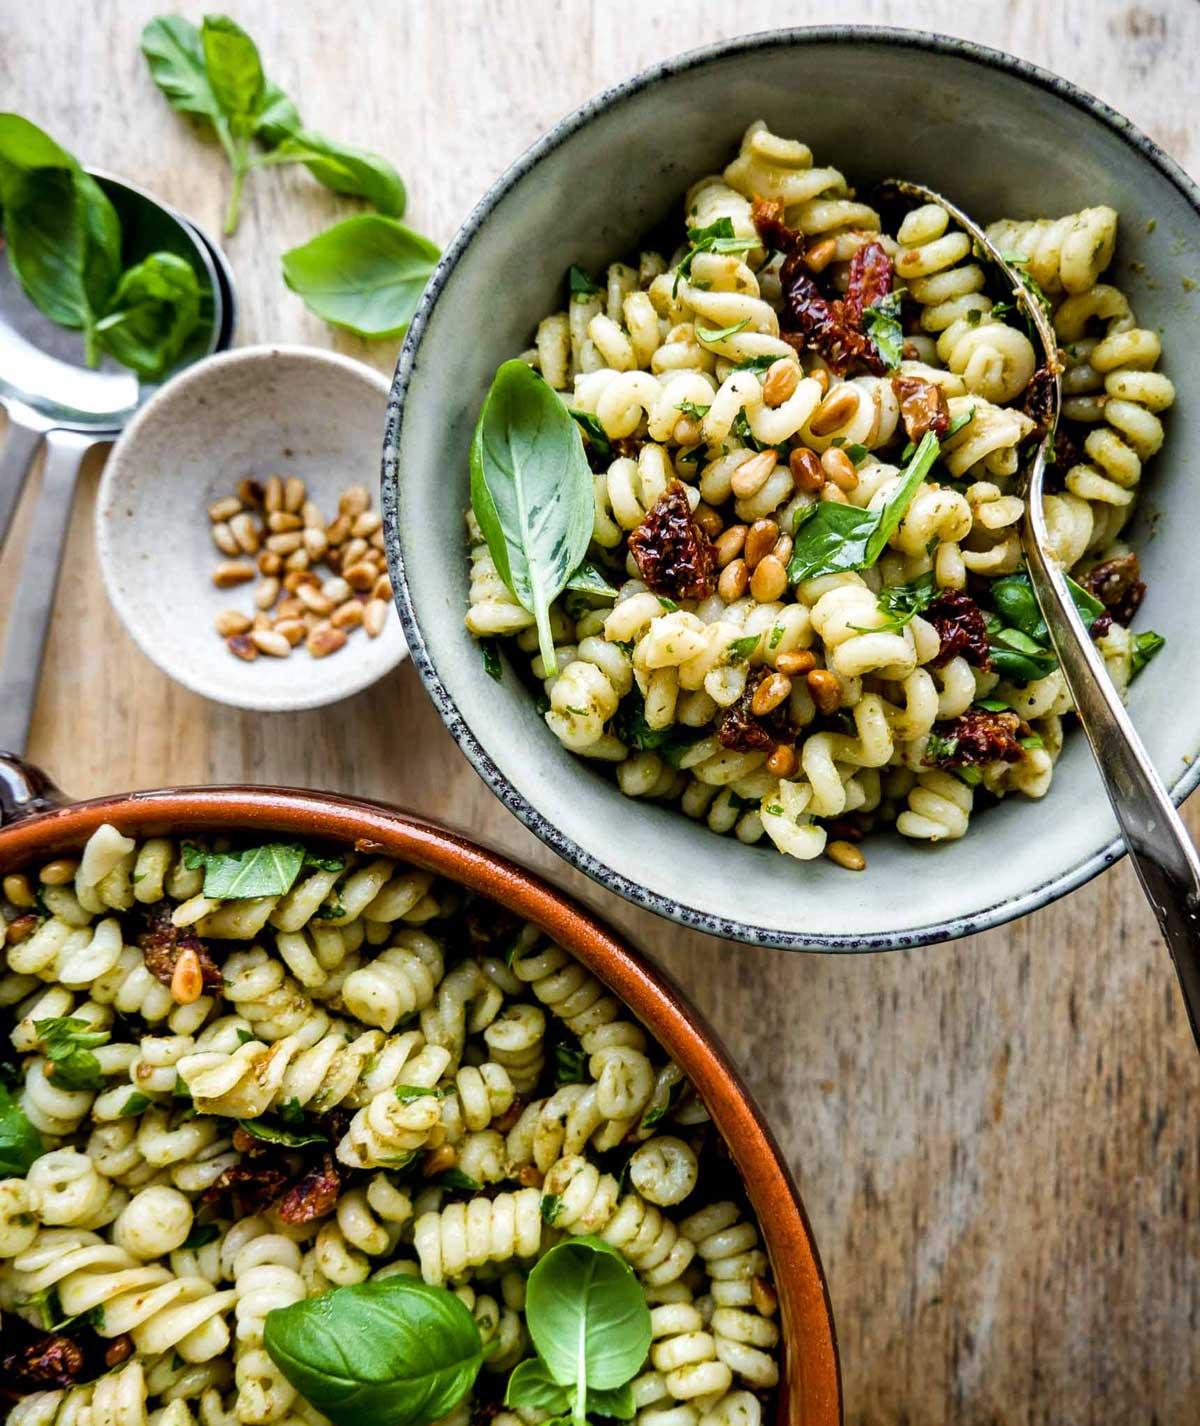 salat med pasta nem og hurtig opskrift